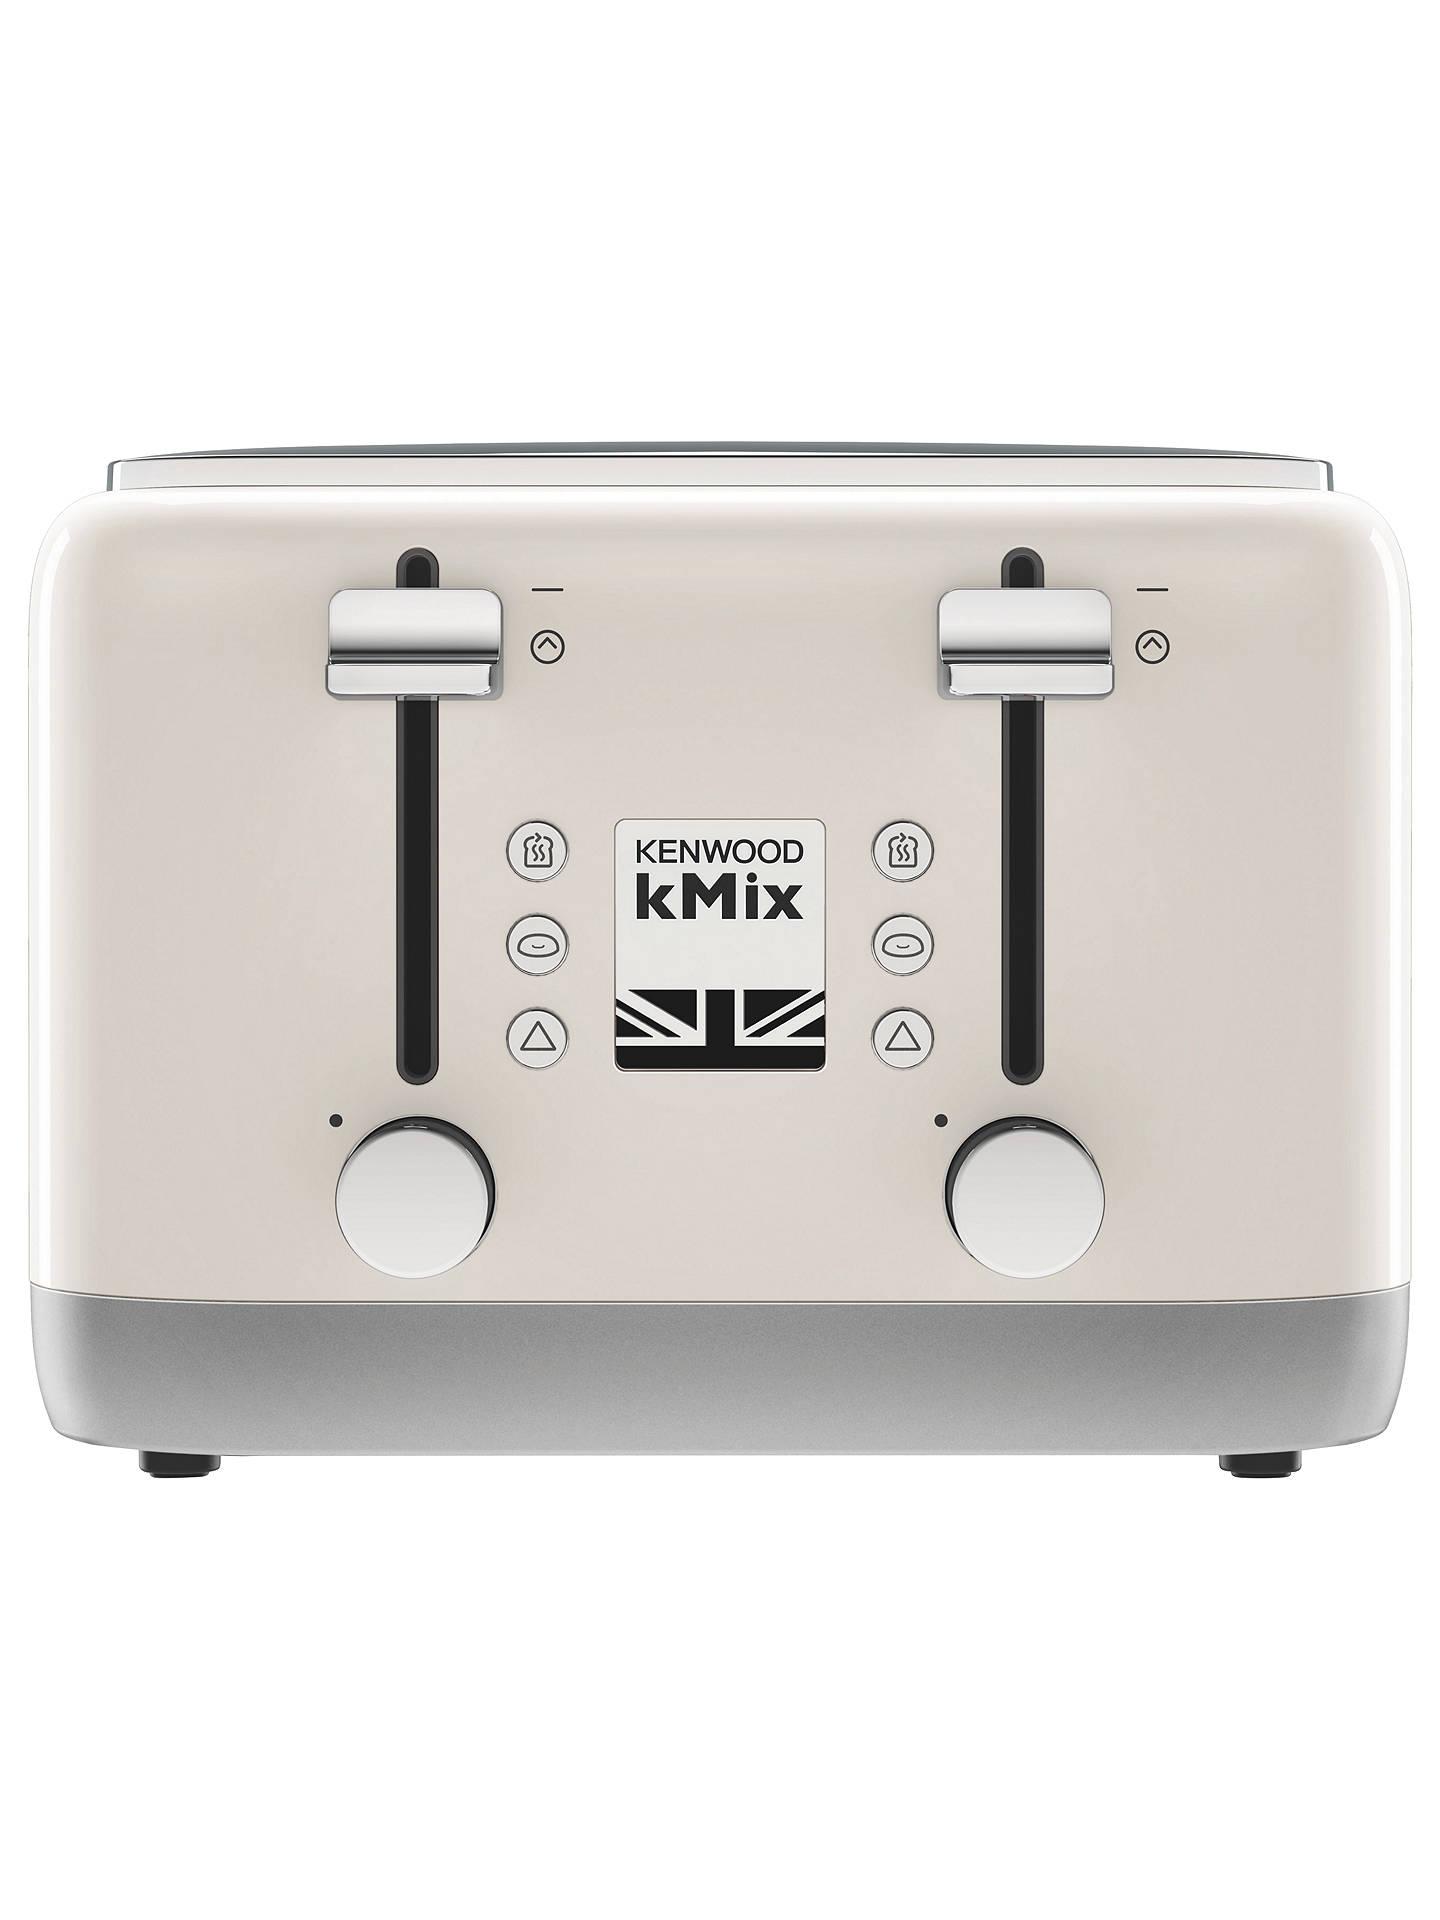 Kenwood Kmix Tfx750 4 Slice Toaster At John Lewis Amp Partners